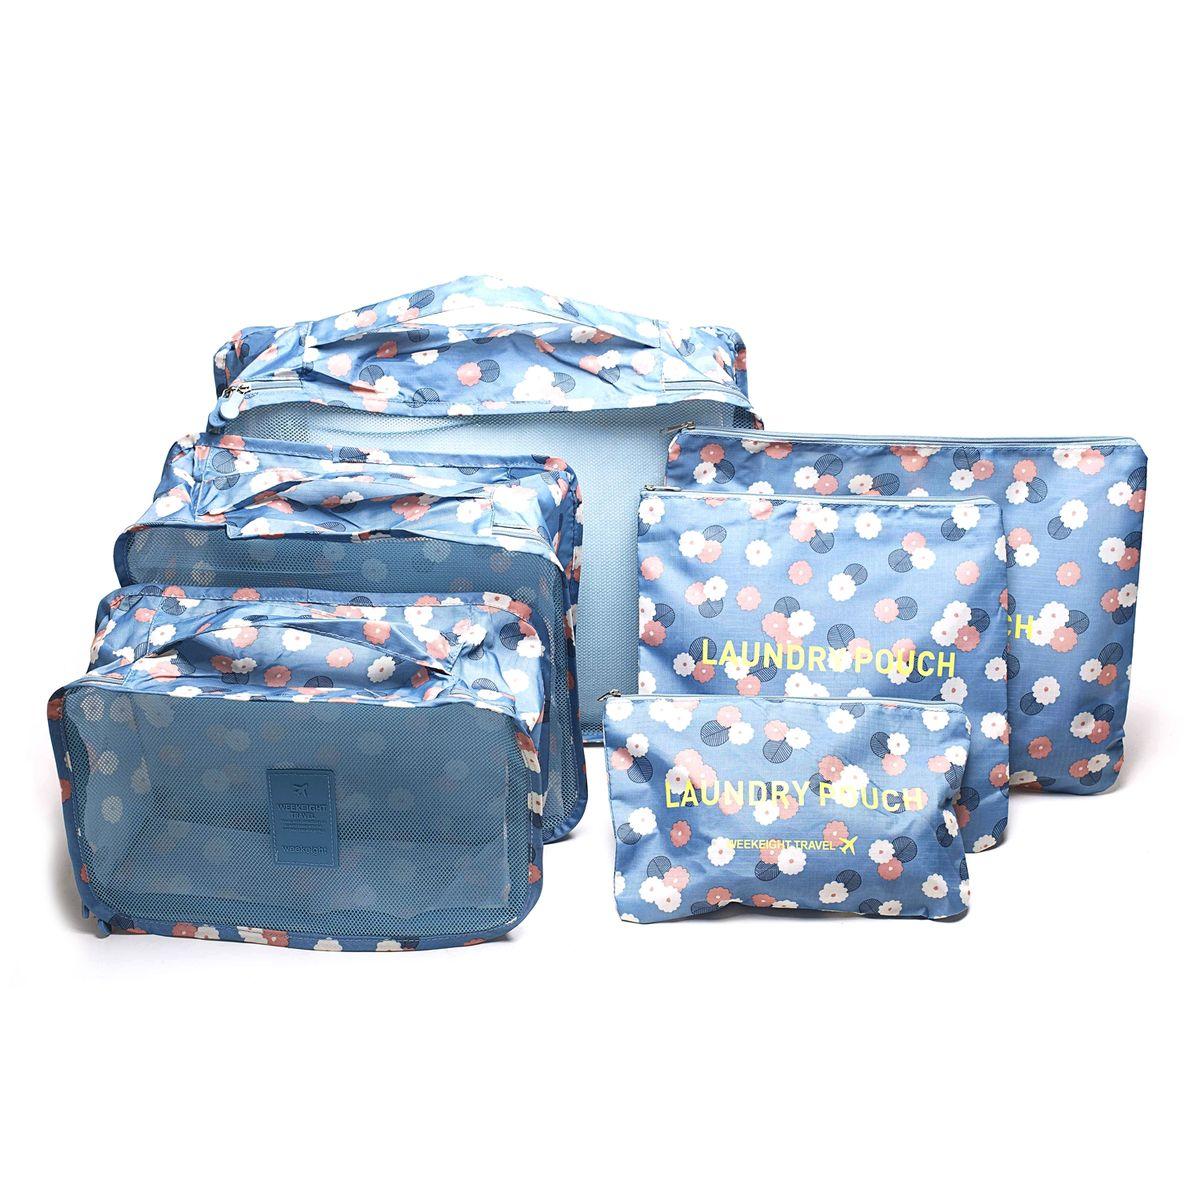 Набор органайзеров для багажа Homsu Цветок, цвет: синий, белый, розовый, 6 предметов74-0060Набор органайзеров для багажа Homsu Цветок выполнен из полиэстера и оснащен молниями. В комплекте собраны органайзеры для бюстгальтеров, нижнего белья, носков, одежды, косметики. Вы сможете распределить все вещи, которые возьмете с собой таким образом, чтобы всегда иметь быстрый доступ к ним. Органайзеры надежно защитят от пыли, грязи, влажности или механических повреждений. Размеры органайзеров: 40 x 30 x 12 см; 30 x 28 x 13 см; 30 x 21 x 13 см; 35 x 27 см; 27 x 25 см; 26 x 16 см.